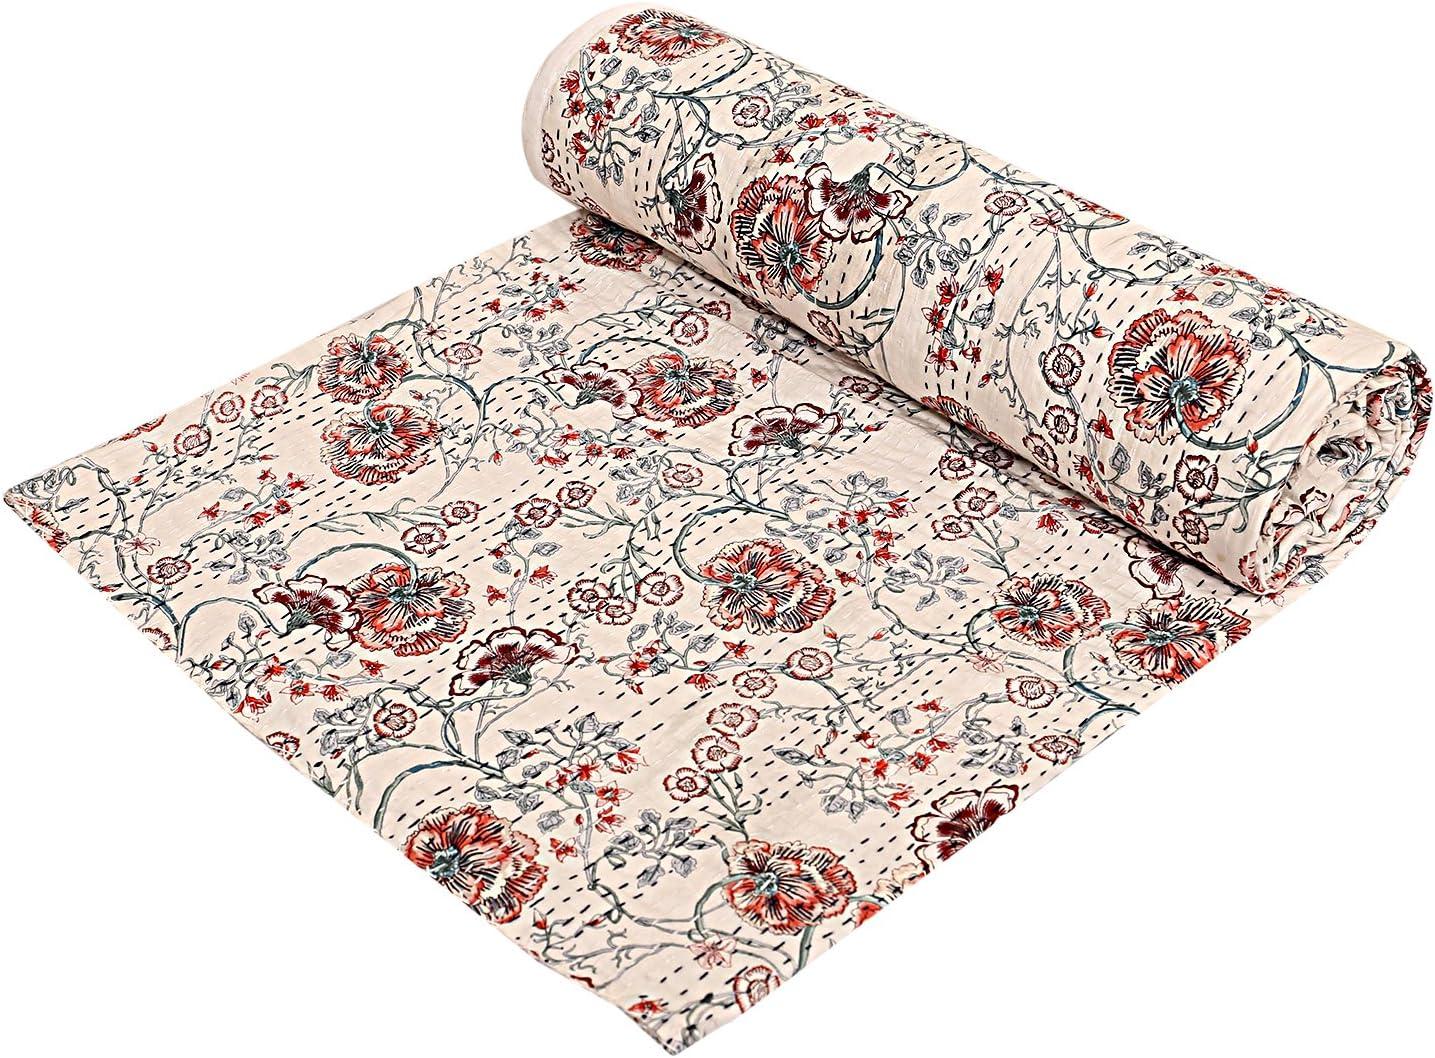 exclusif Indian Queen Gudri faite /à la main Couette vintage Tropican Kantha propagation Couvre-lit couverture en coton Taille 90 x 108 Bohemian Kantha Bohemian Couvre-lit